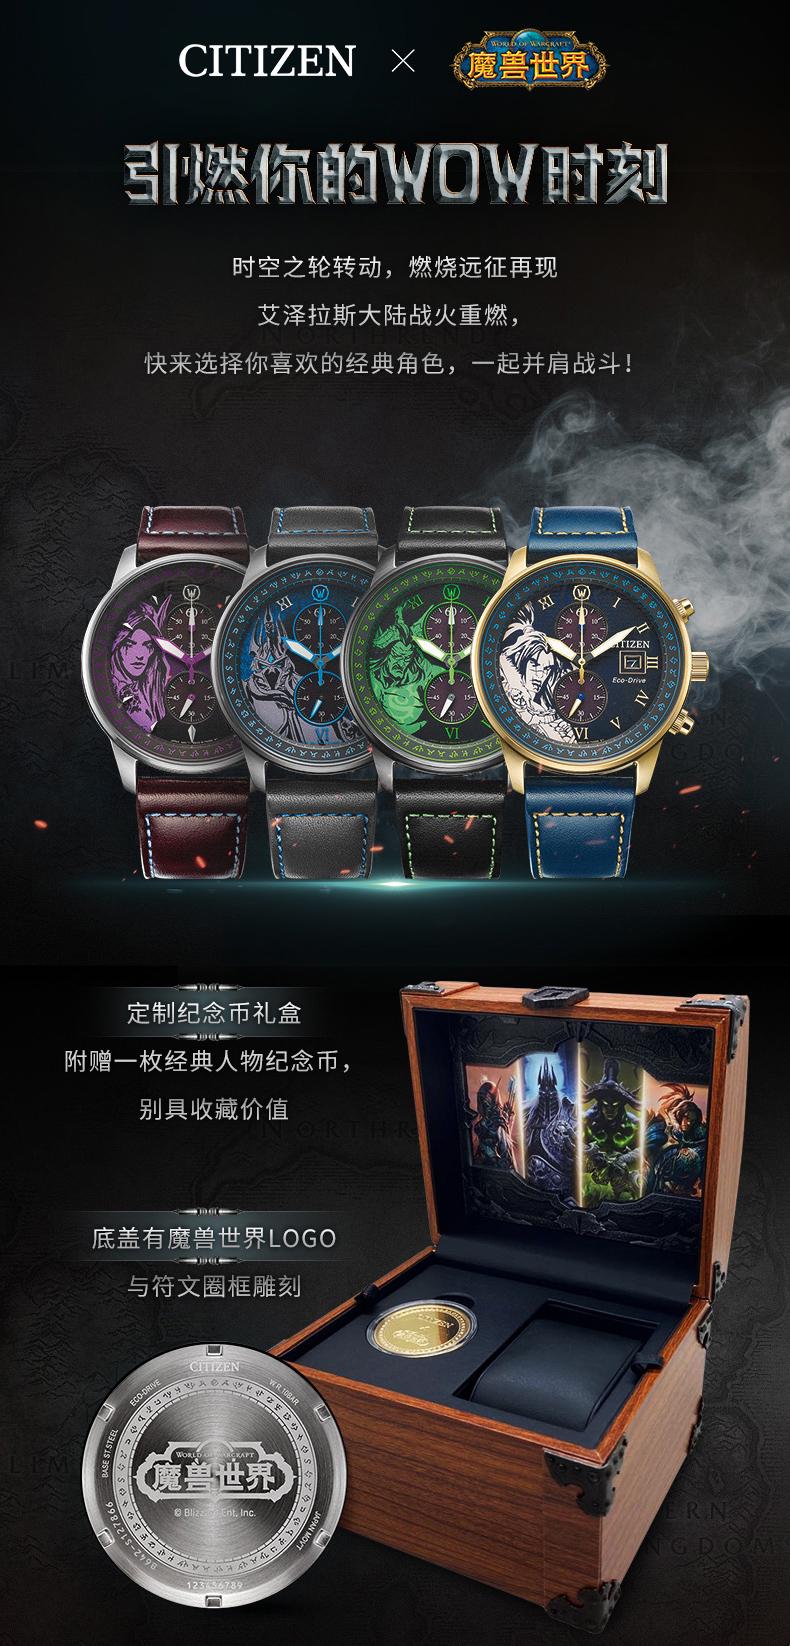 魔兽世界x西铁城联名手表开卖 包含伊利丹·怒风等著名人物